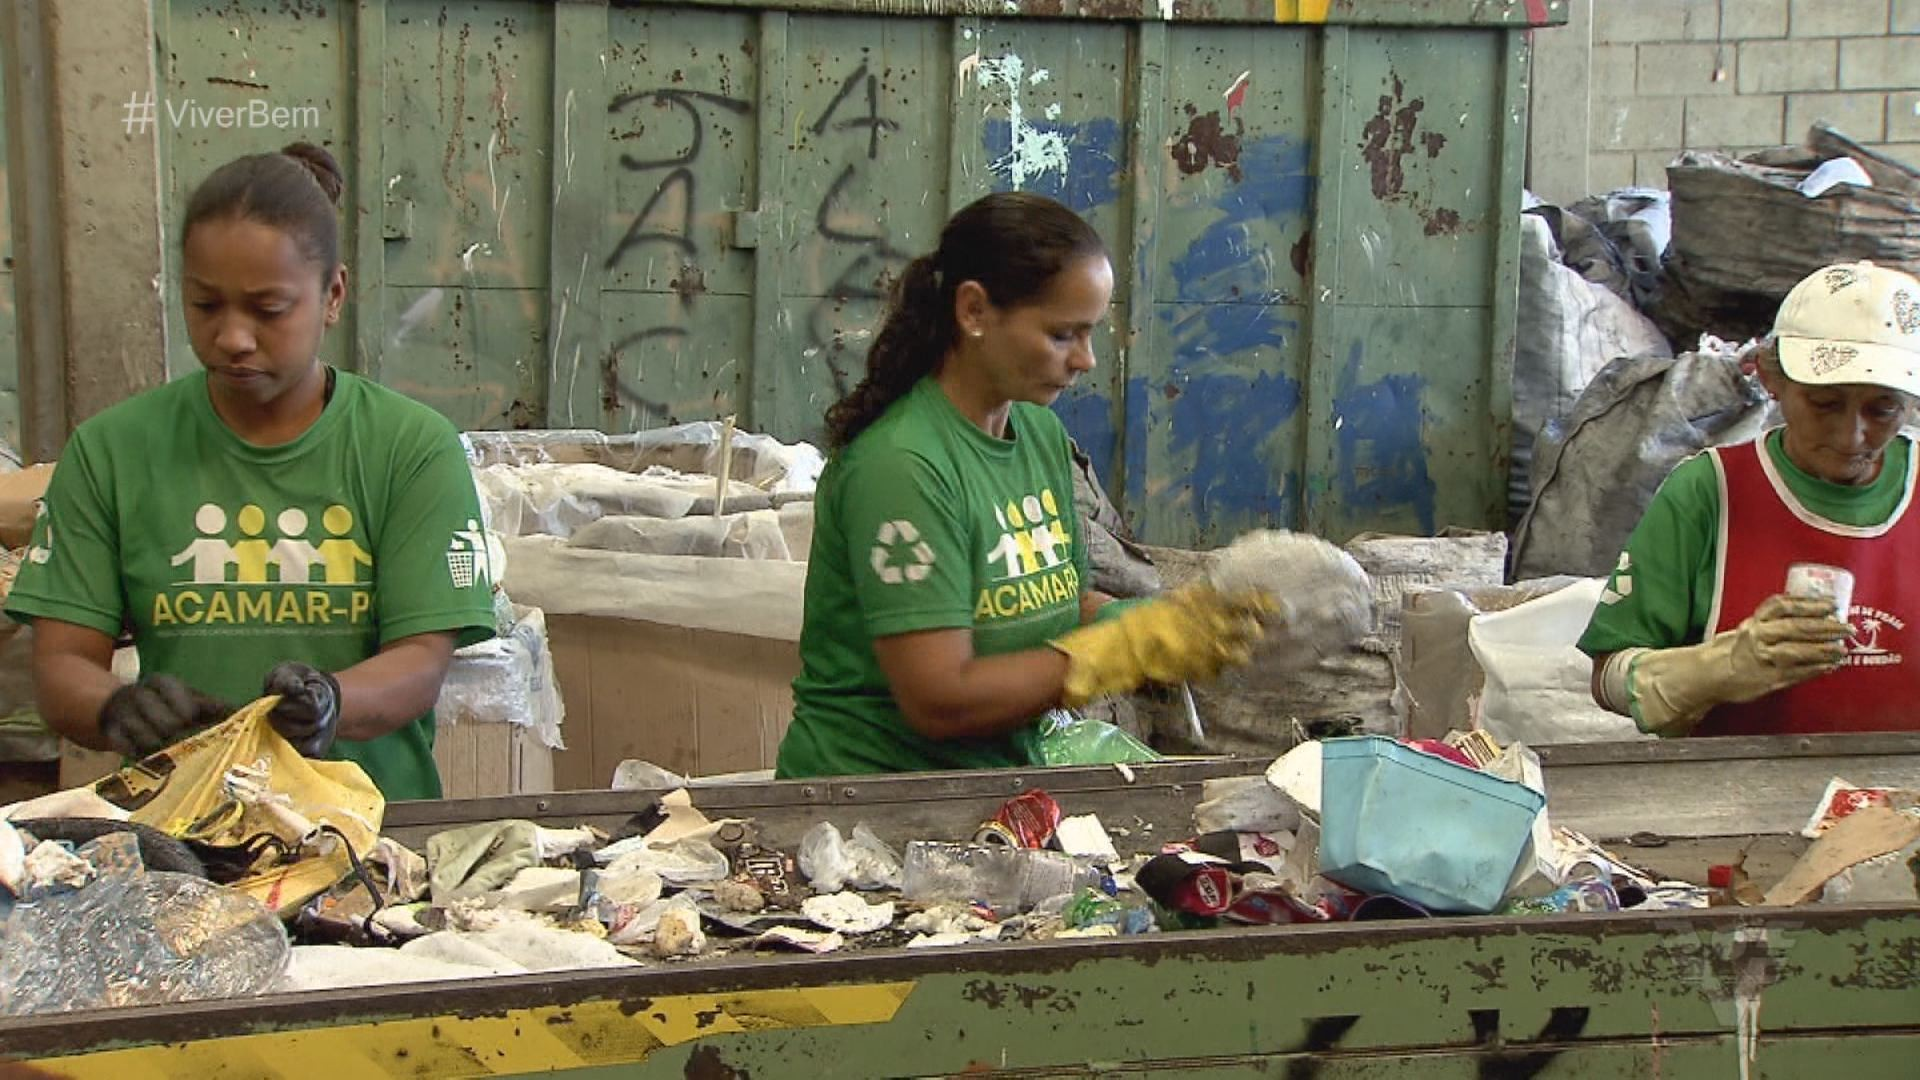 Ecoponto em Praia Grande, SP, realiza importante trabalho de reciclagem